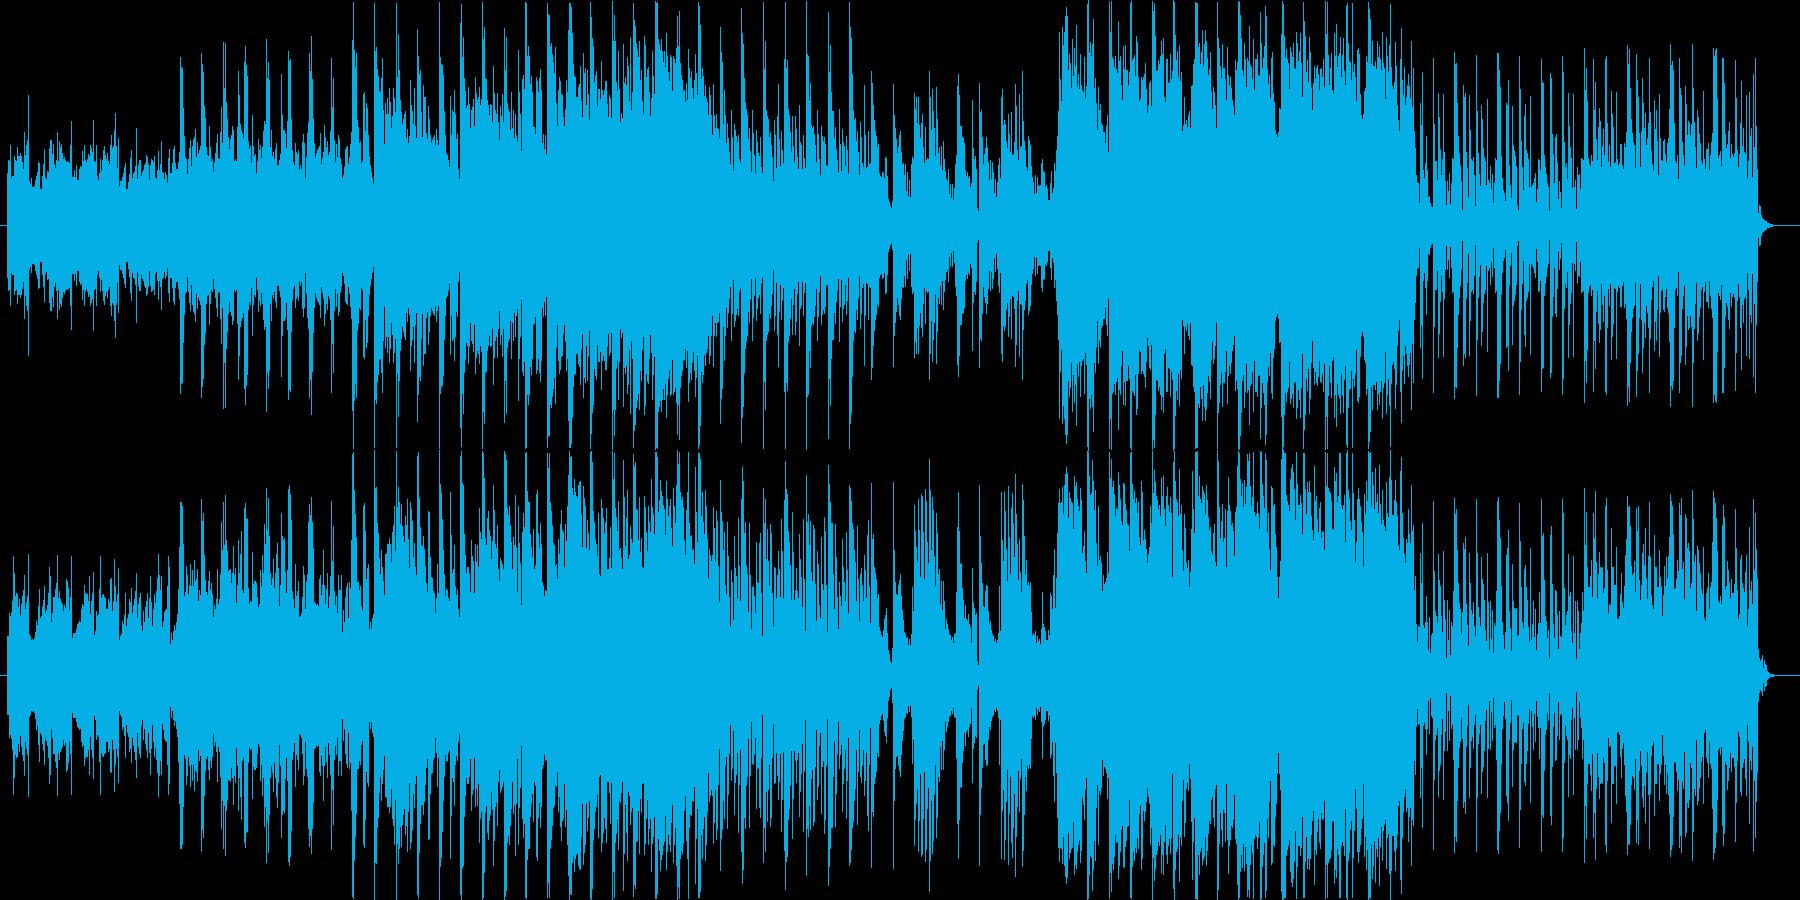 和テイストの幻想的なエレクトロニカの再生済みの波形